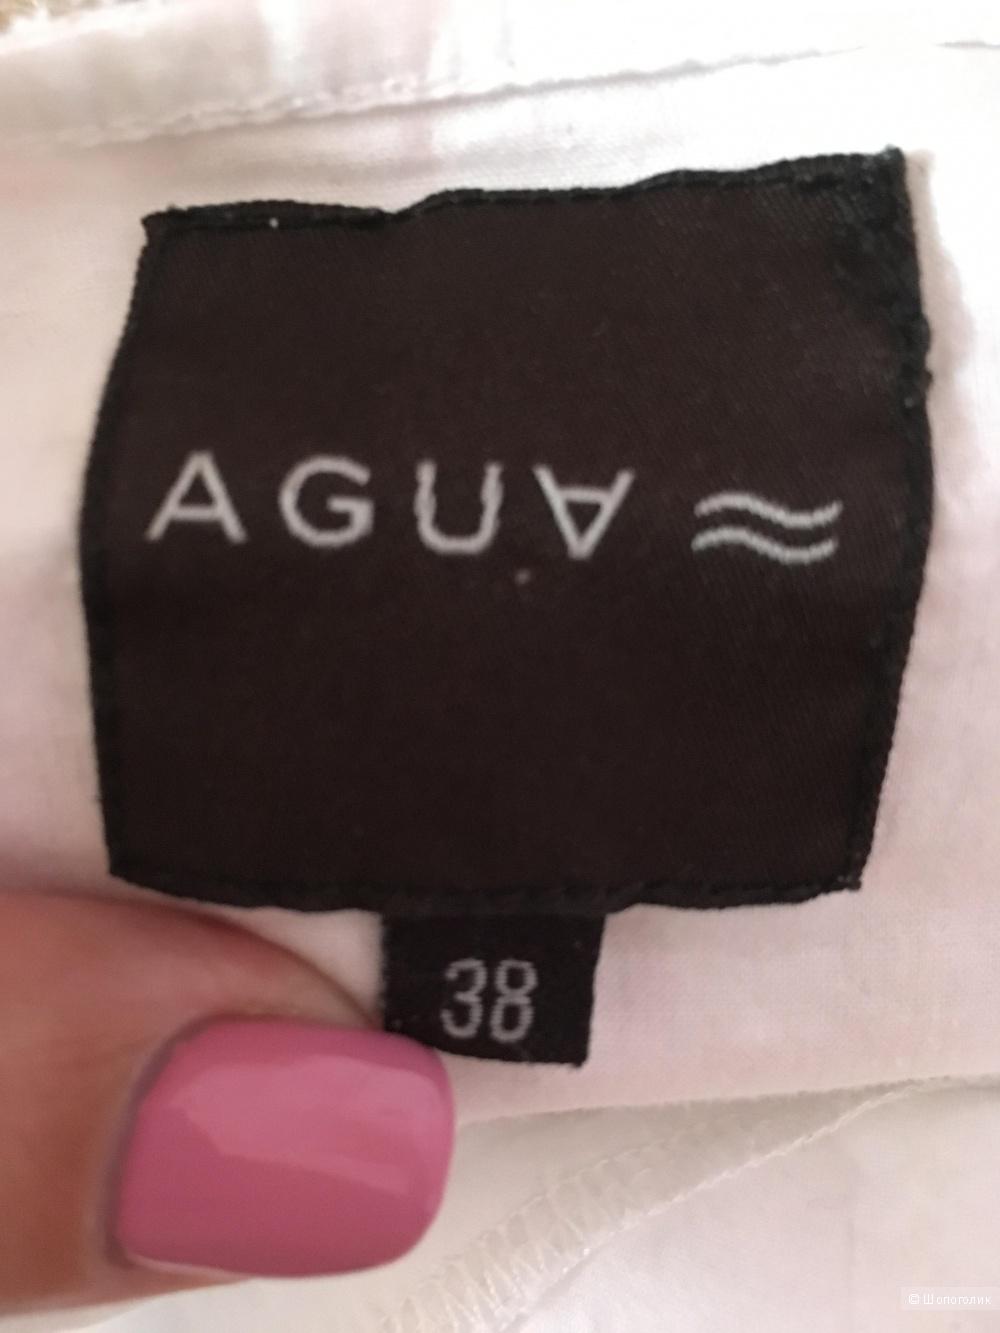 Юбка Agua, 38 европейский размер